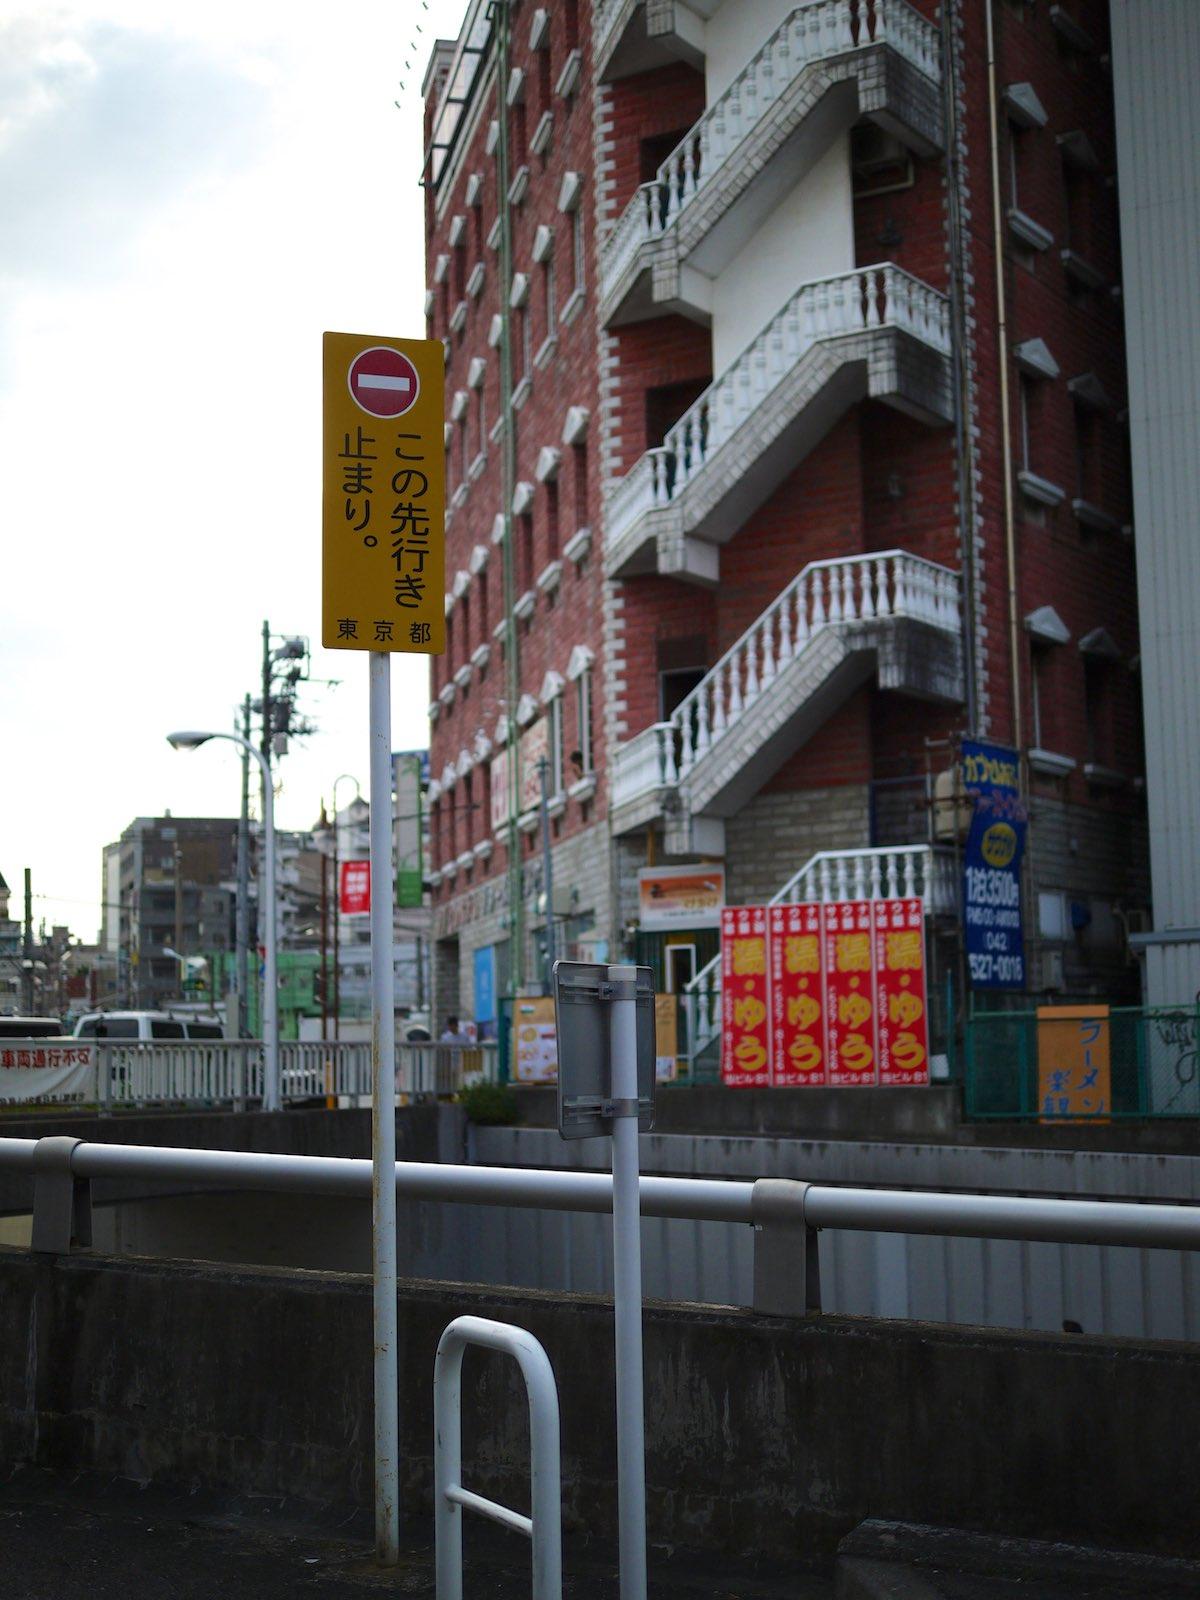 立川周辺スナップ 25mmF1.4 その7_e0216133_0112354.jpg